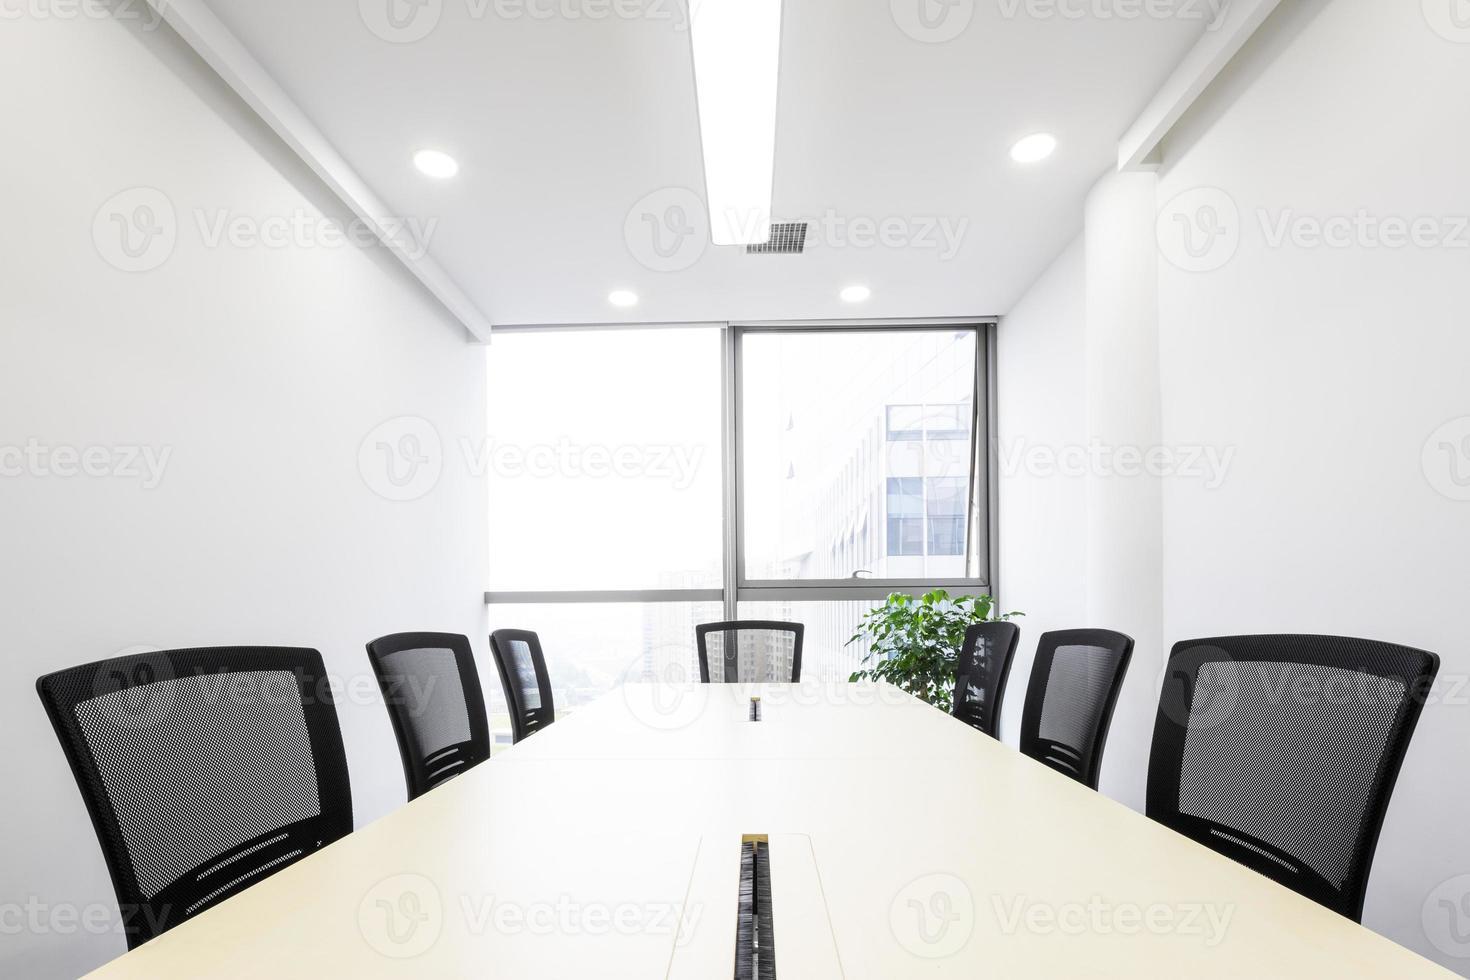 interior de la sala de reuniones en la oficina moderna foto